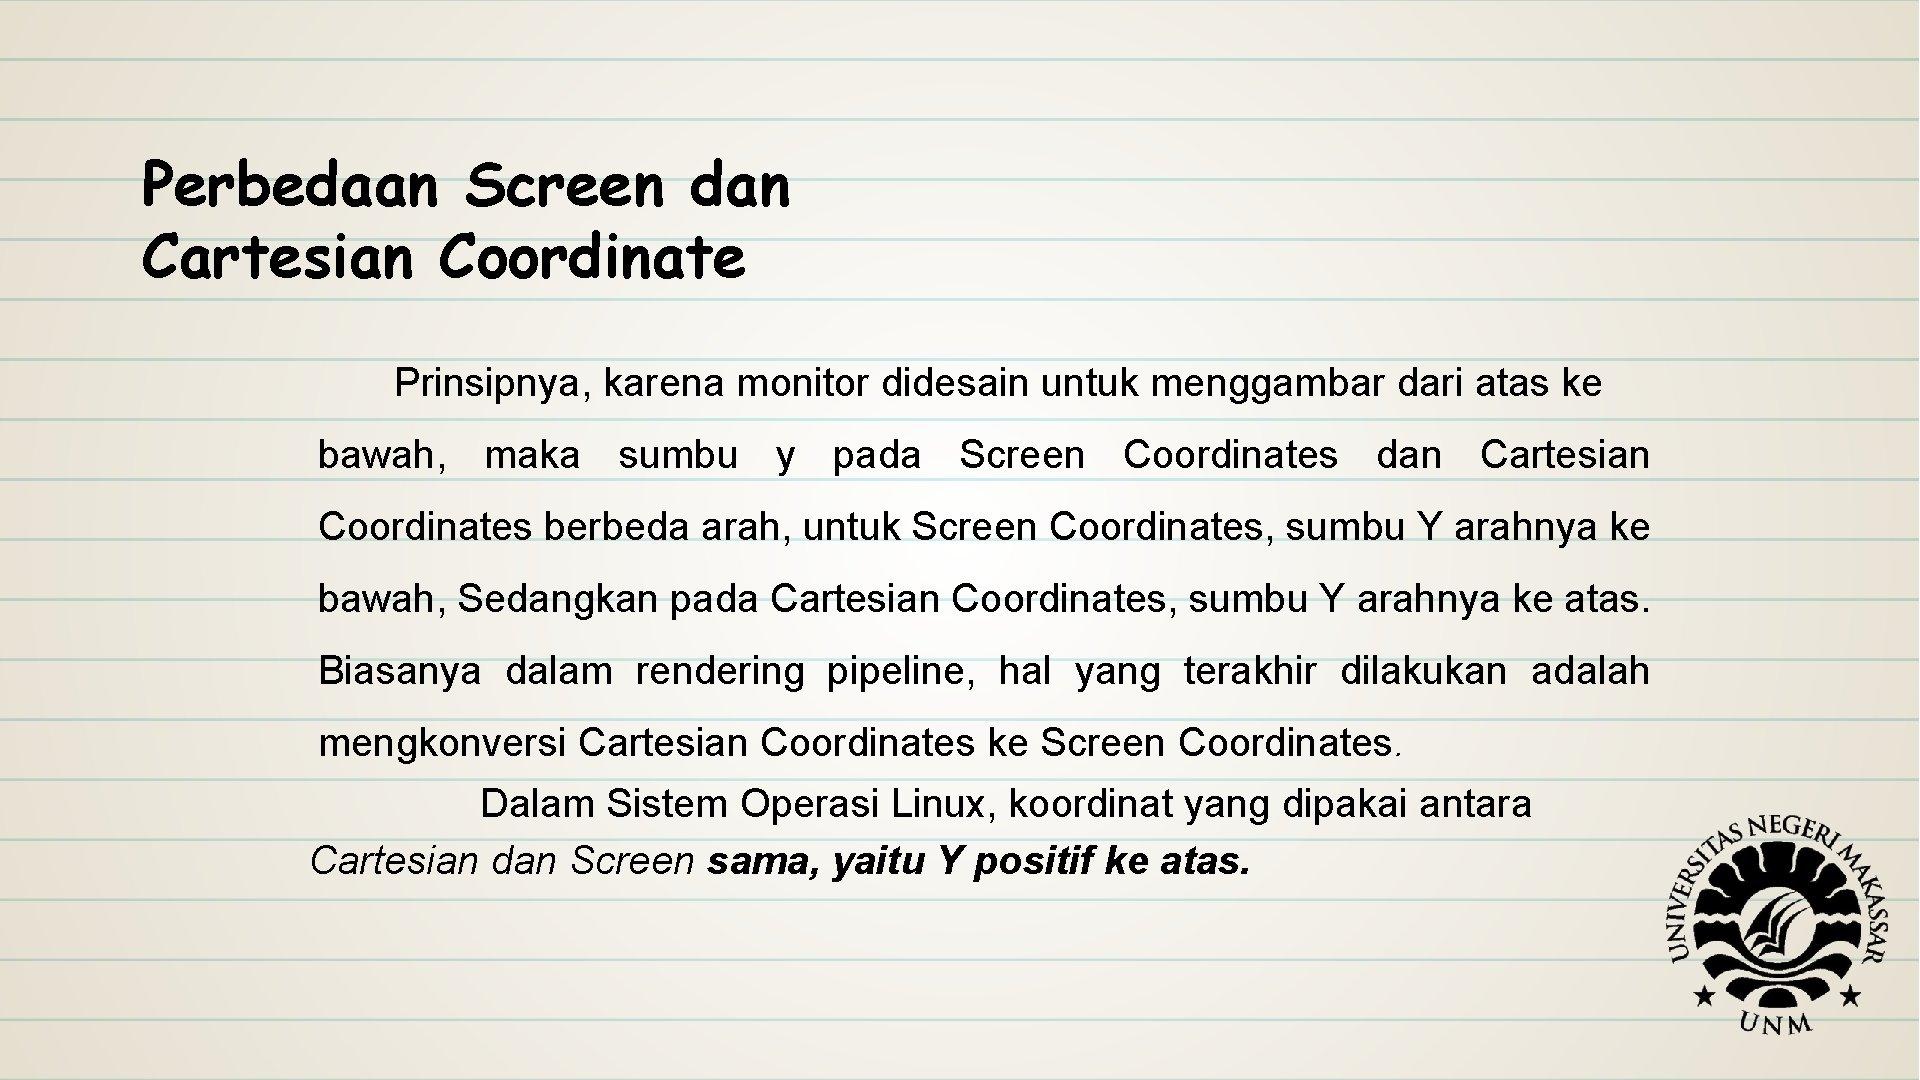 Perbedaan Screen dan Cartesian Coordinate Prinsipnya, karena monitor didesain untuk menggambar dari atas ke